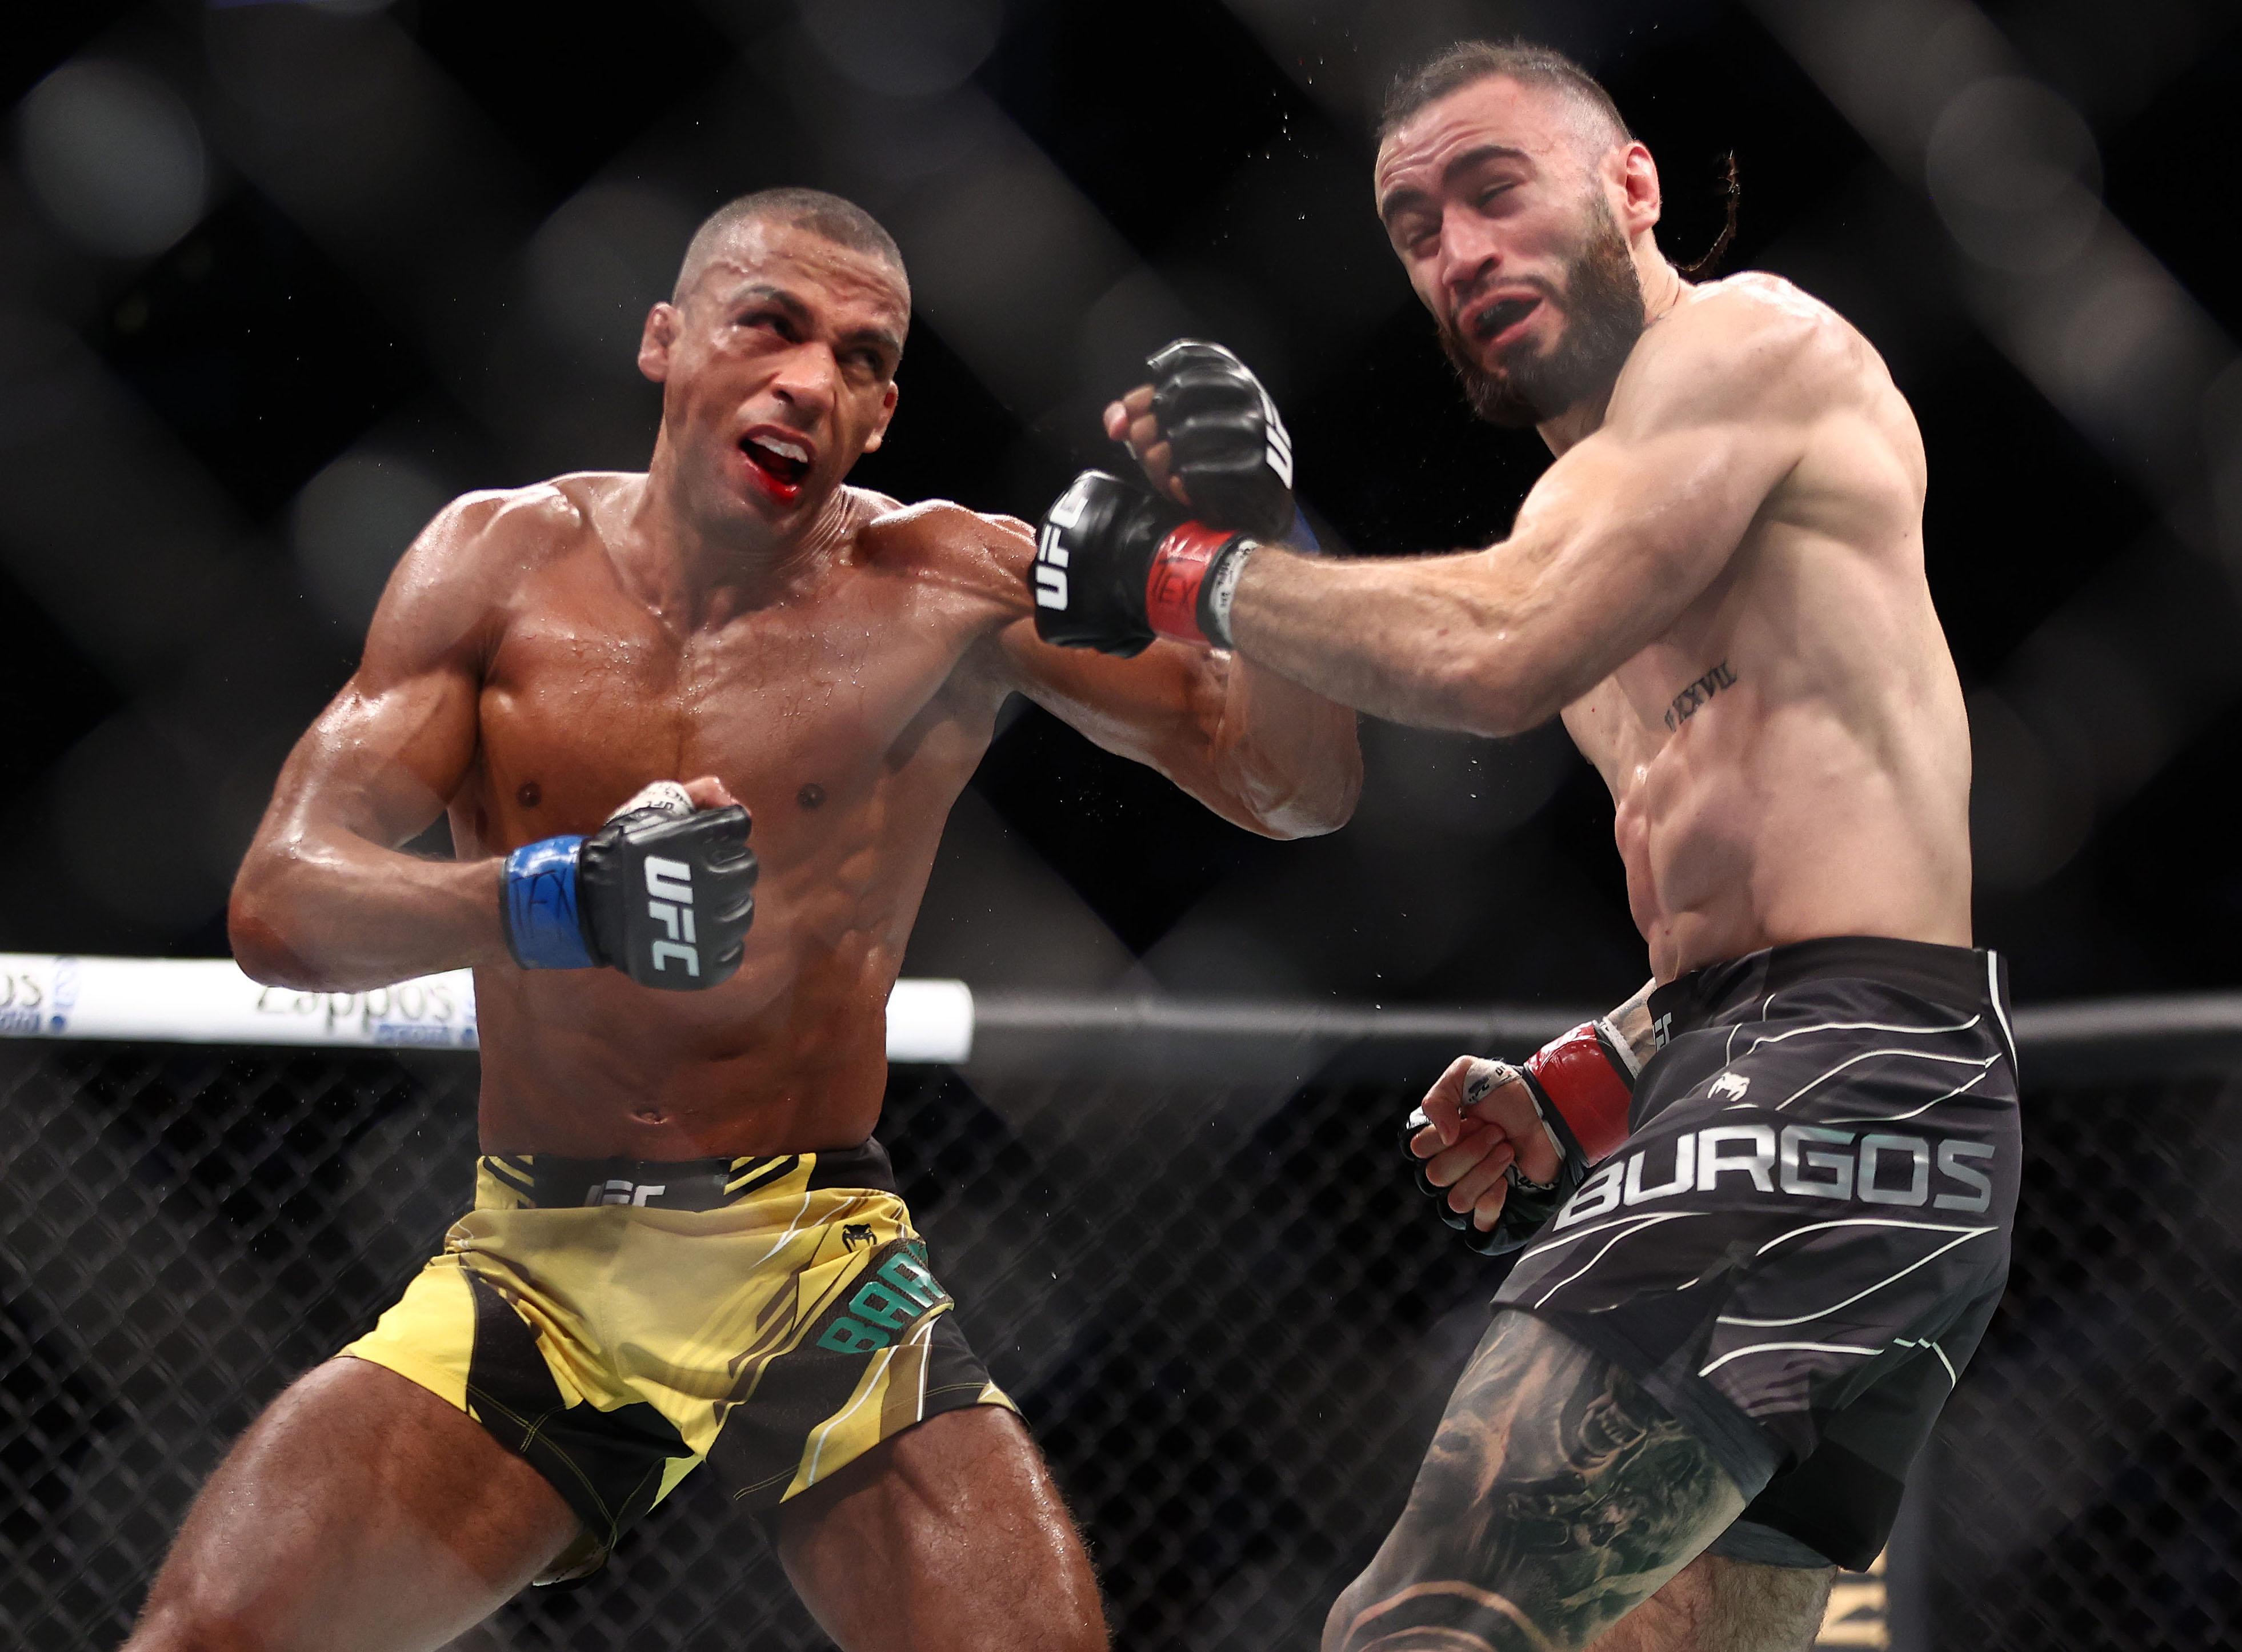 爱游戏app下载的游戏不能玩MMA:UFC 262布尔戈斯对巴博萨